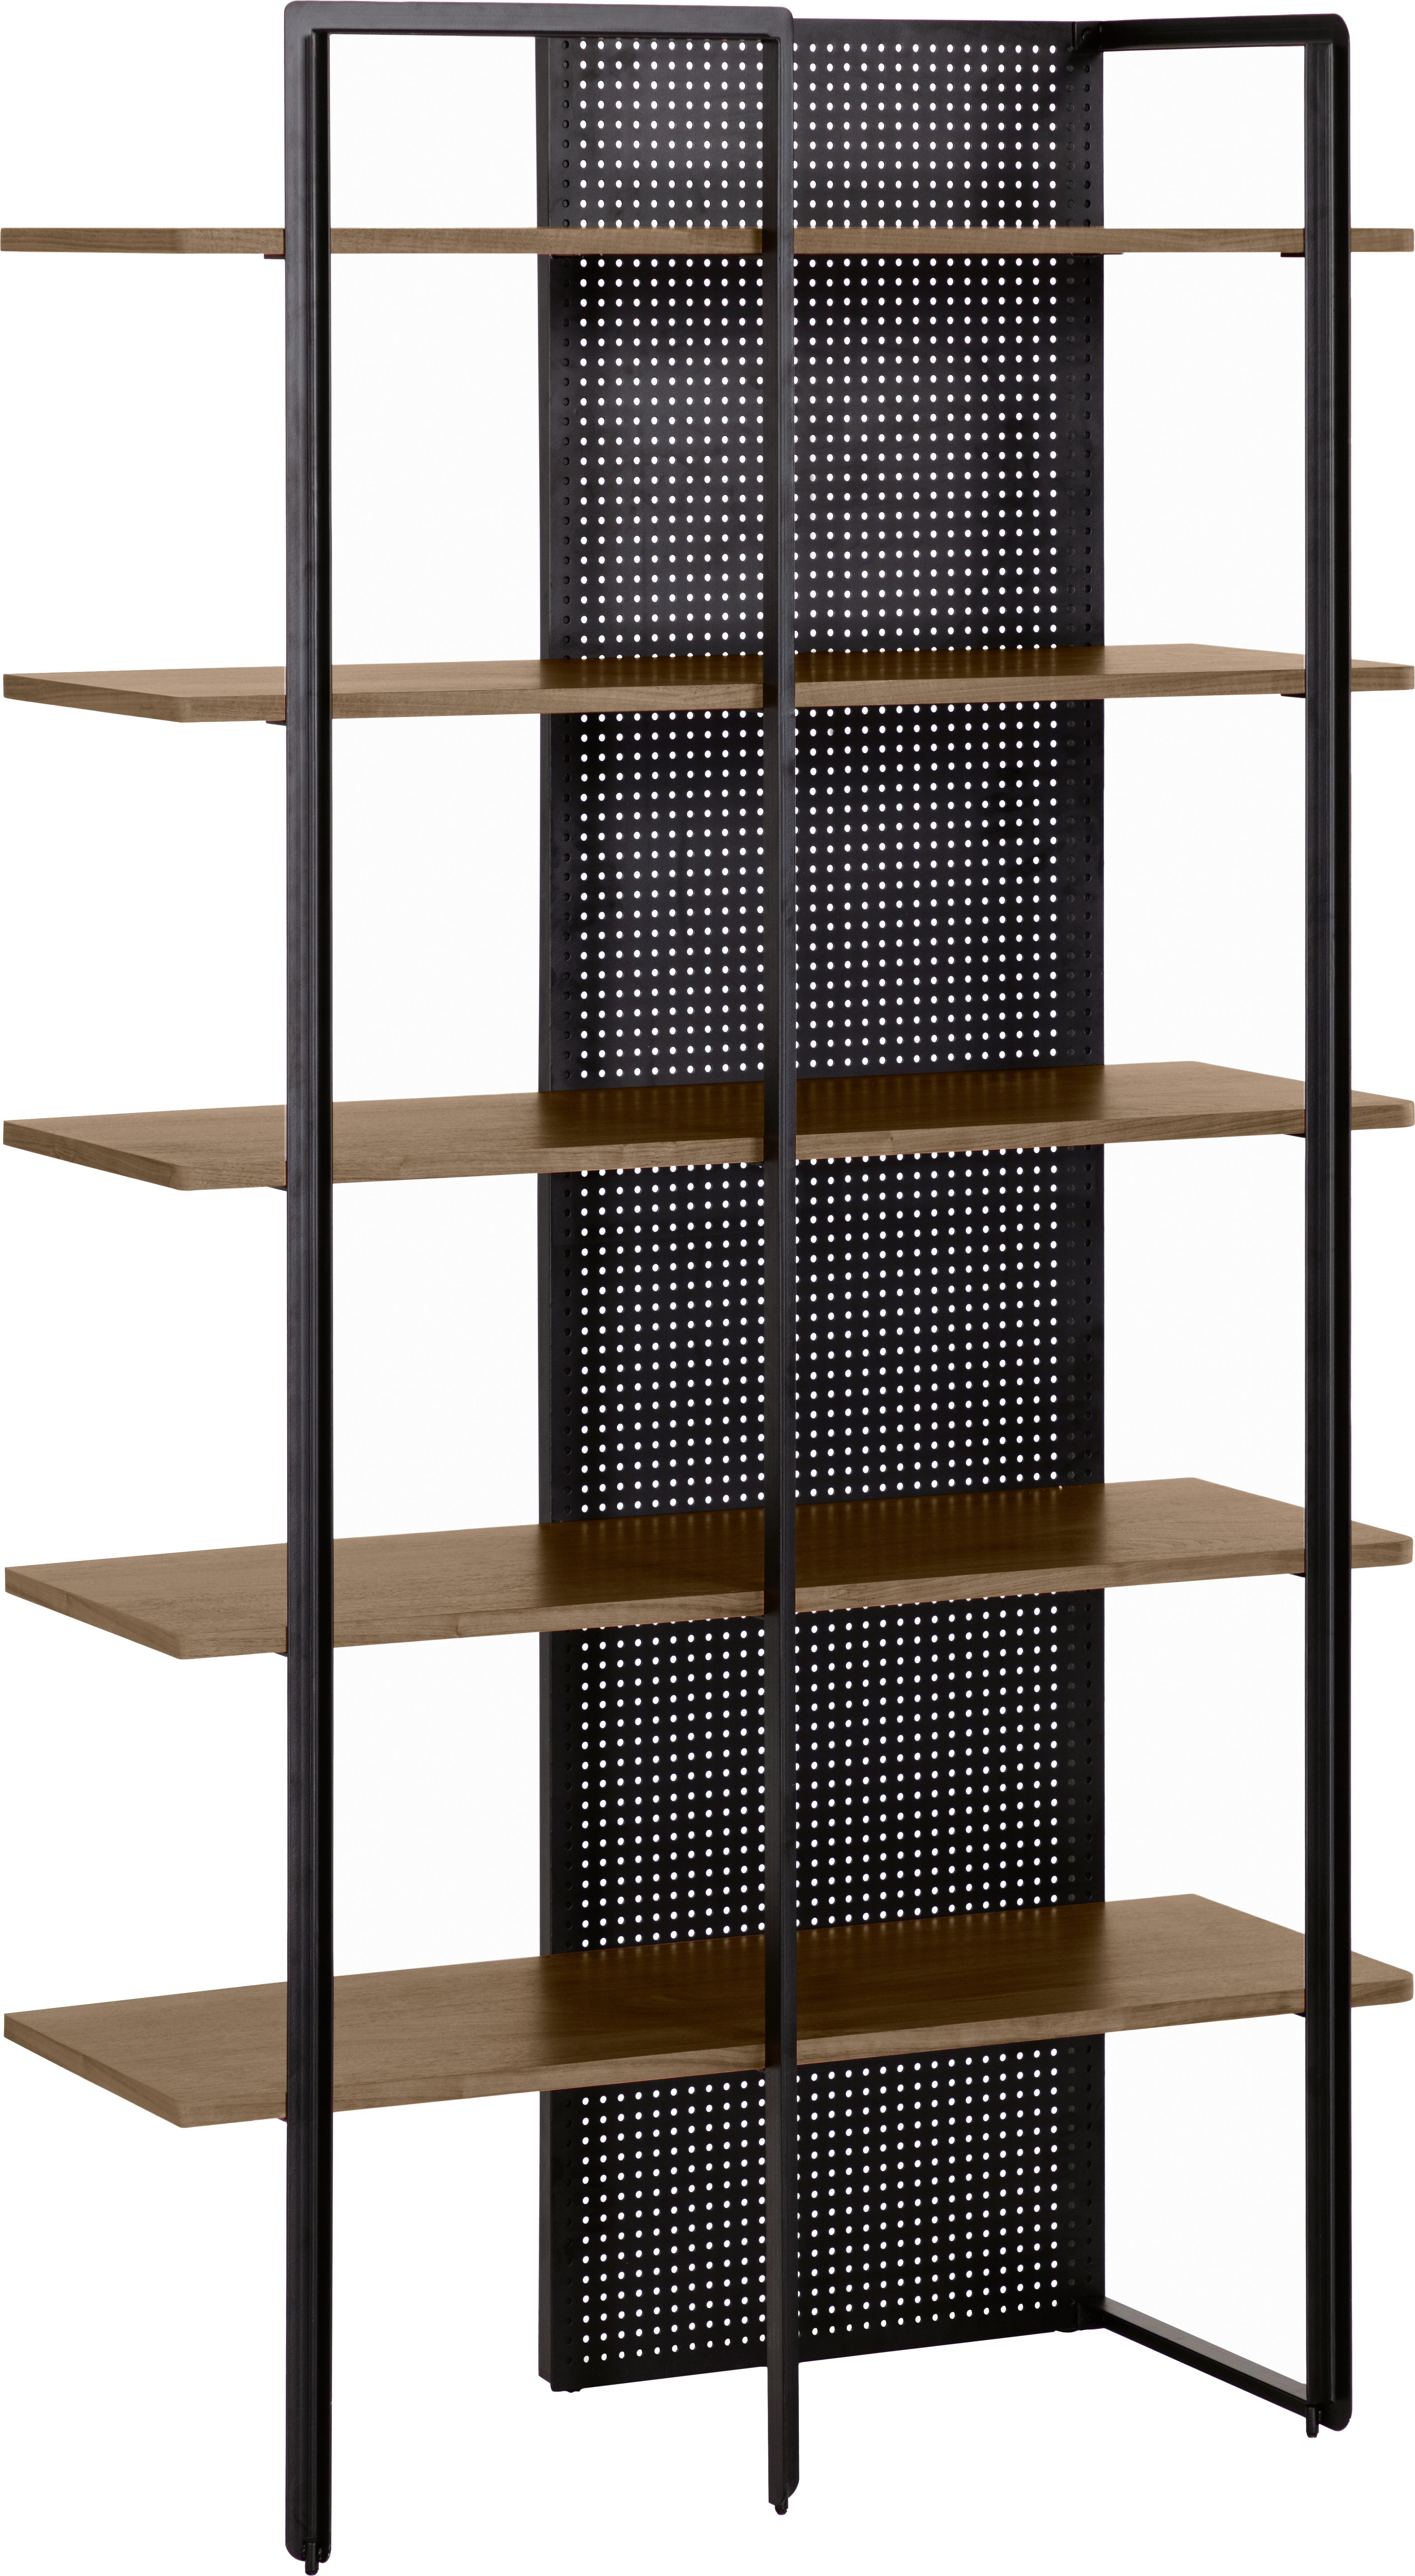 Scaffale industriale in legno e metallo Nadyria, Struttura: metallo verniciato, Ripiani: pannello di fibra a media, Nero, marrone chiaro, Larg. 100 x Alt. 180 cm